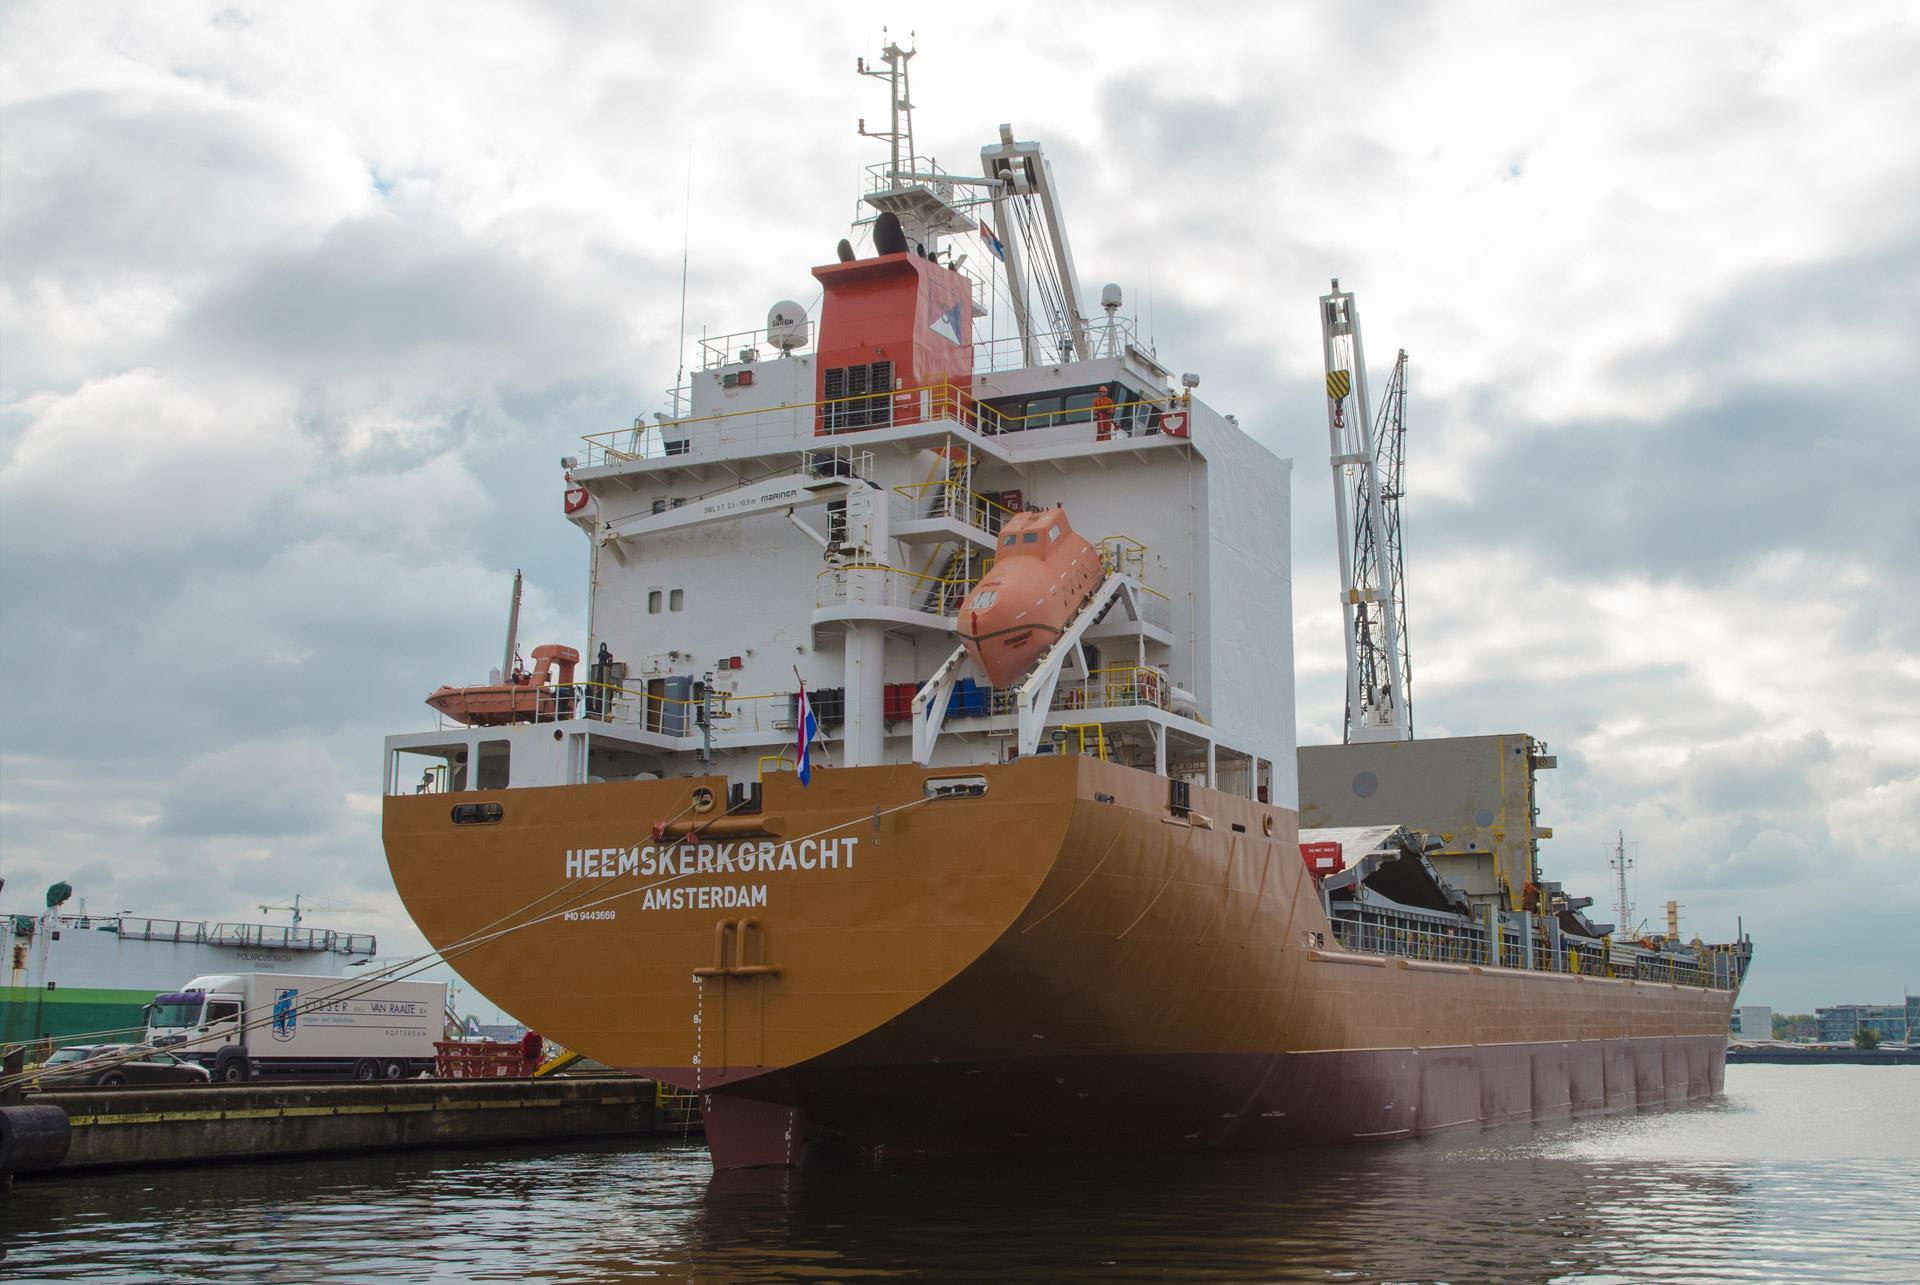 Spliethoff has operated a H-Type sister vessel - Heemskerkgracht - since 2016.